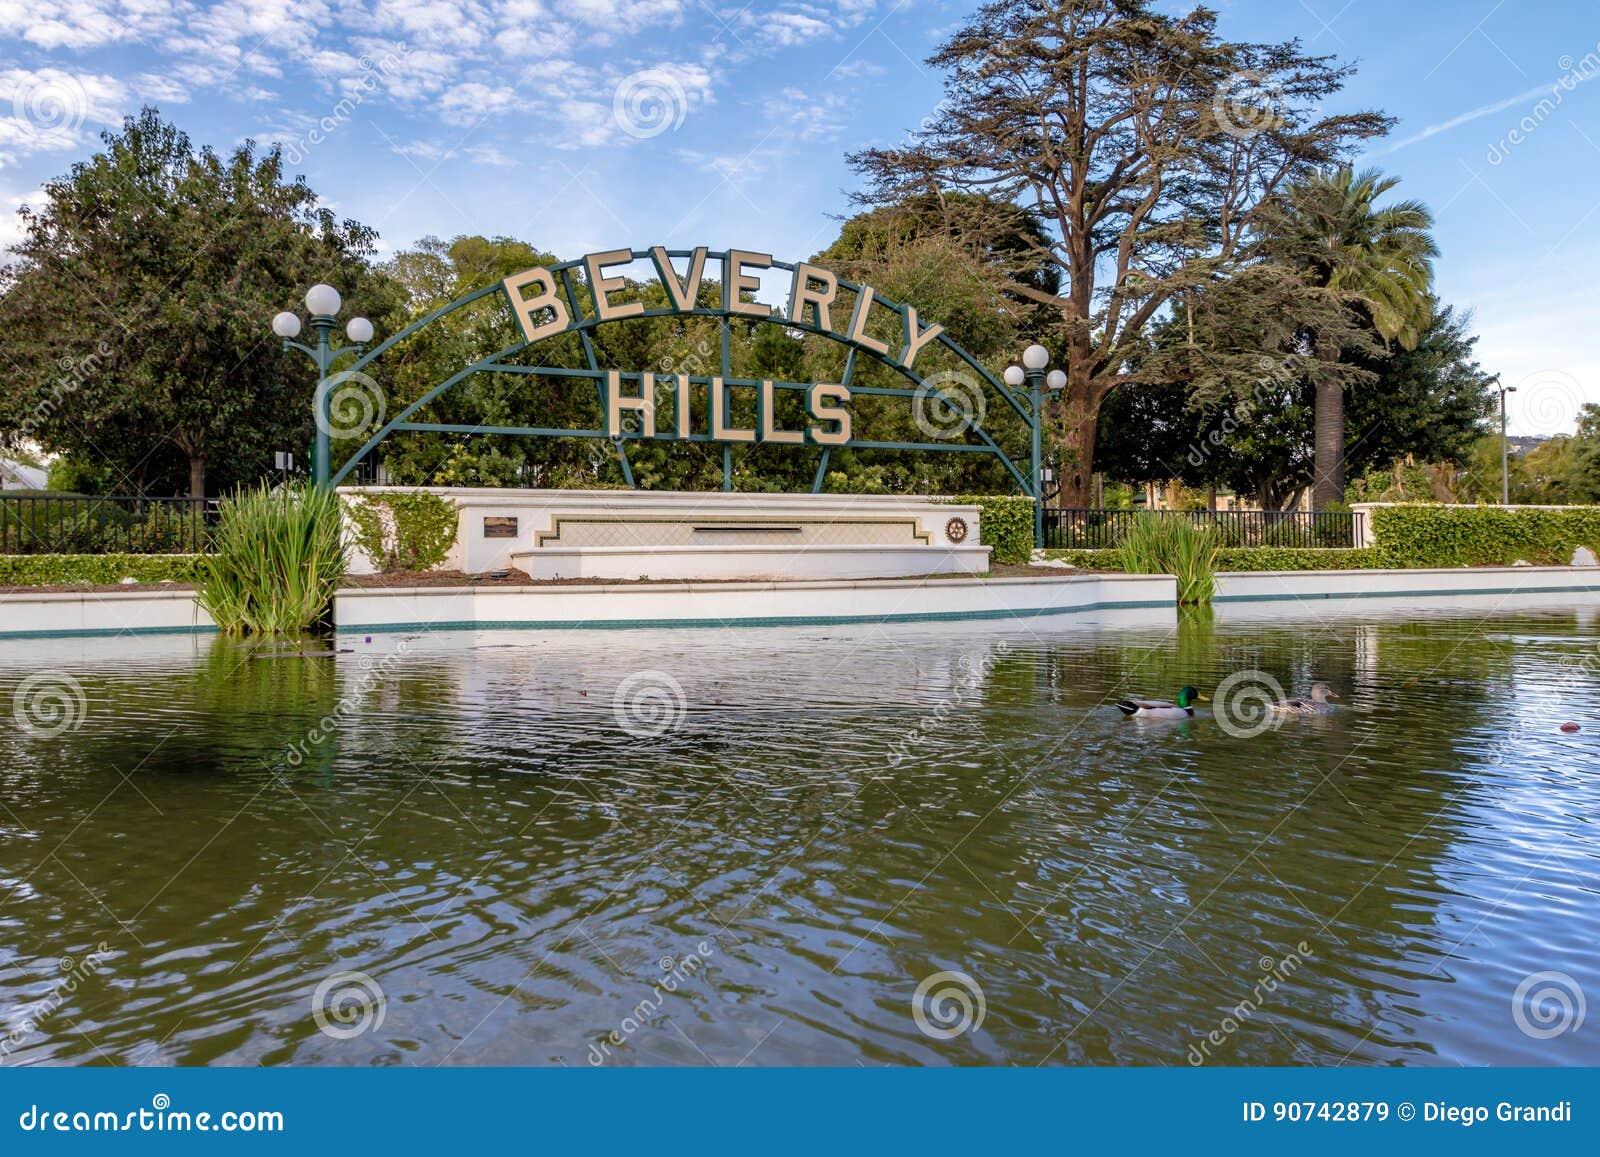 Signe de collines de Berverly - Los Angeles, la Californie, Etats-Unis